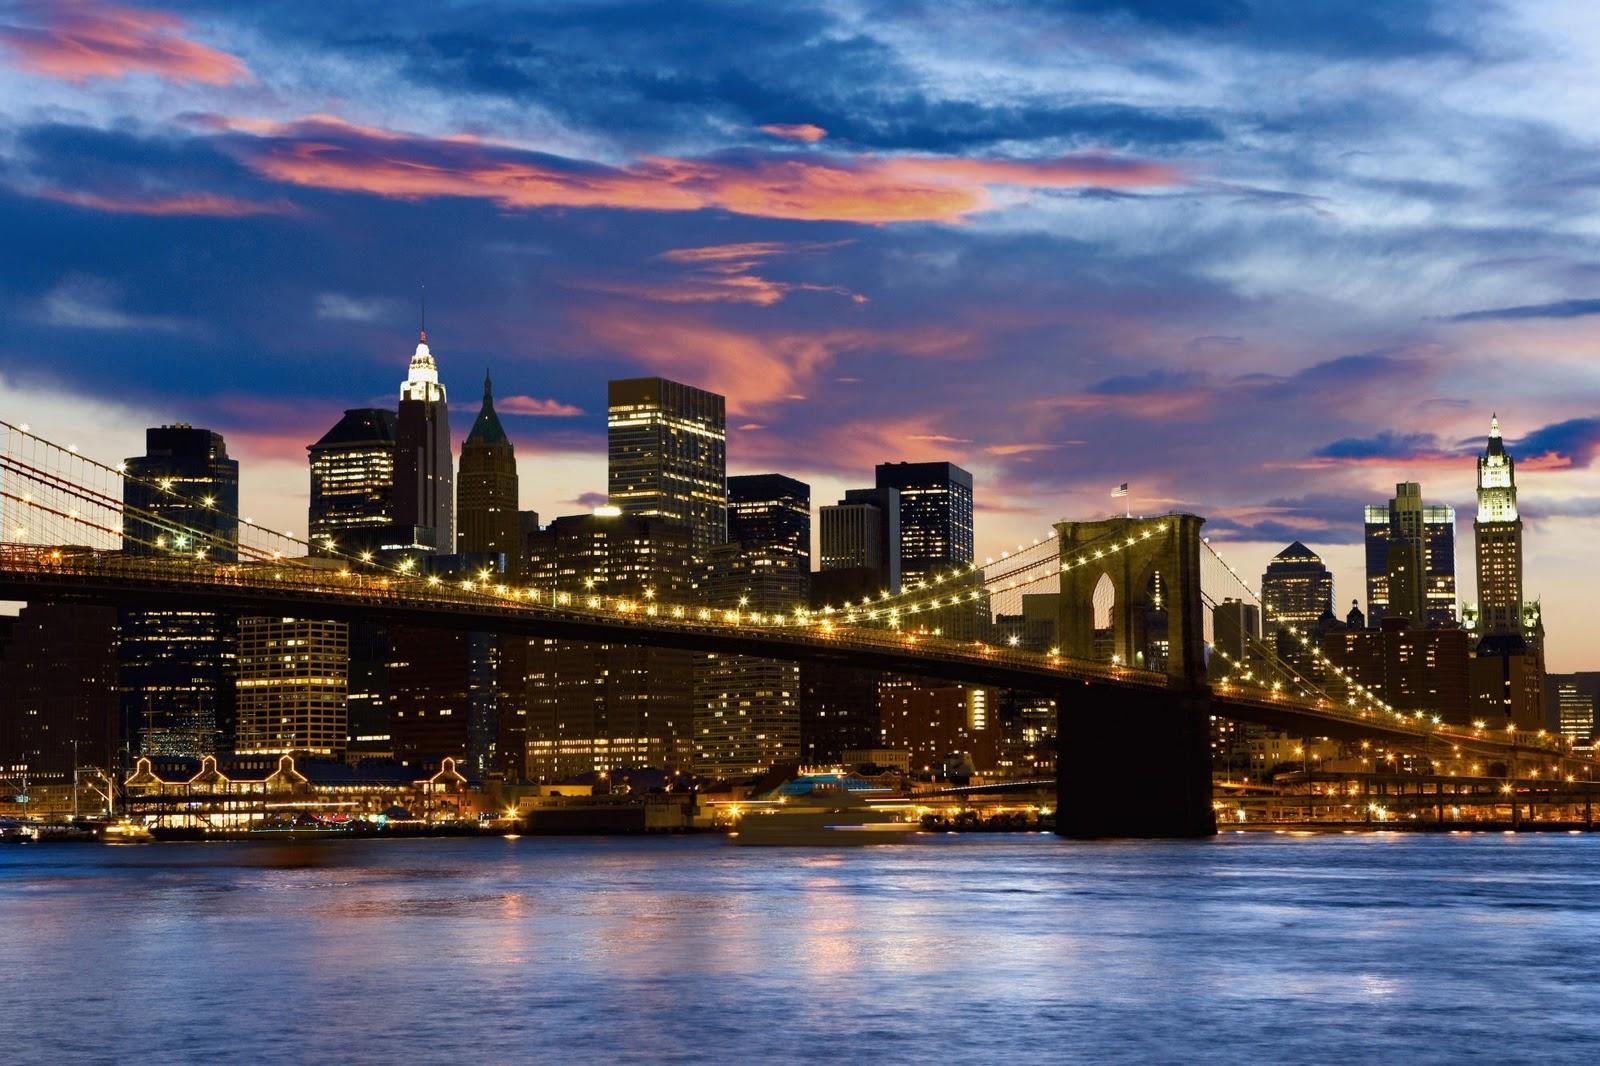 http://4.bp.blogspot.com/-zsd5gacjioY/Txl69QoxJiI/AAAAAAAAEK4/C-T8HtAbg18/s1600/new-york-city-10.jpg